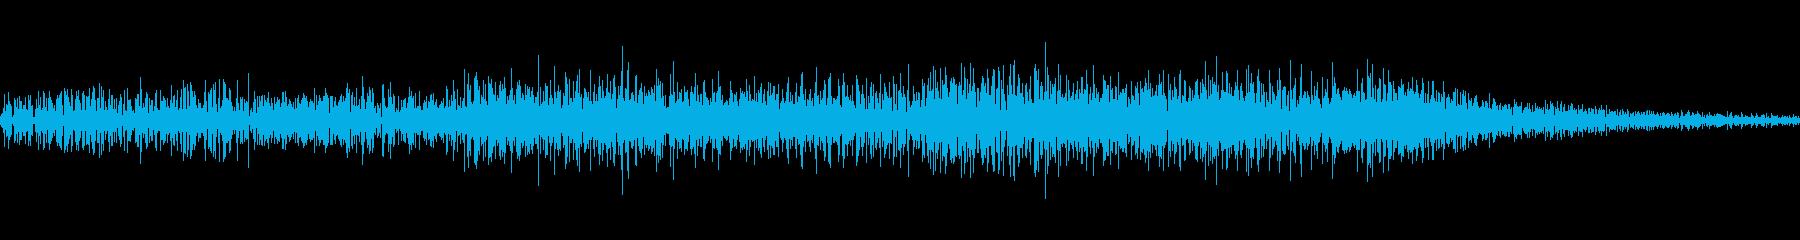 ピロリッ!! シンセ系決定音明るめ。の再生済みの波形